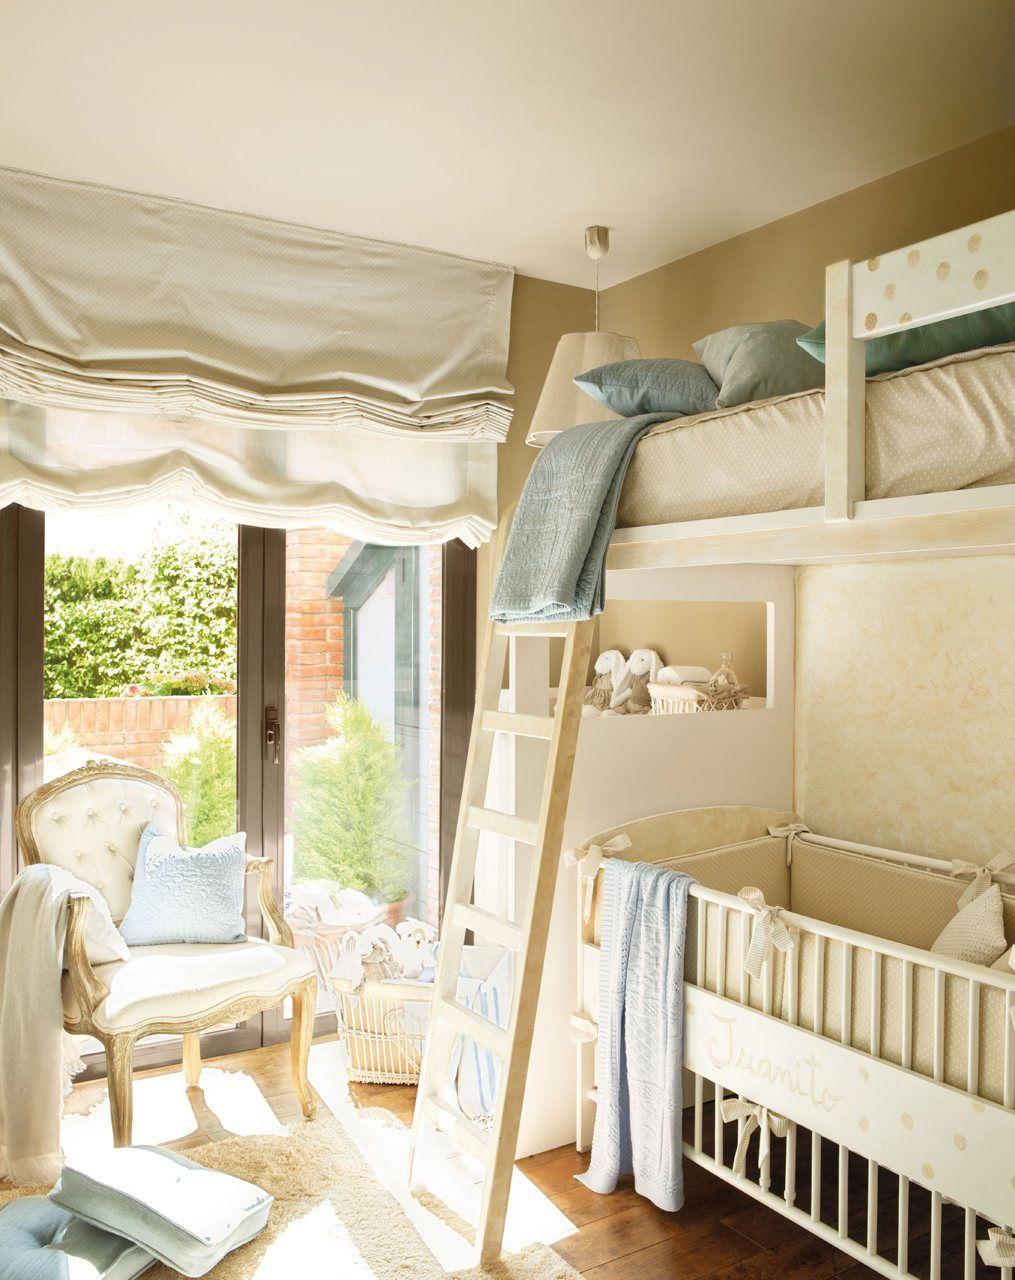 maxi ideas para mini habitaciones · elmueble.com · niños ... - Muebles Habitacion Ninos